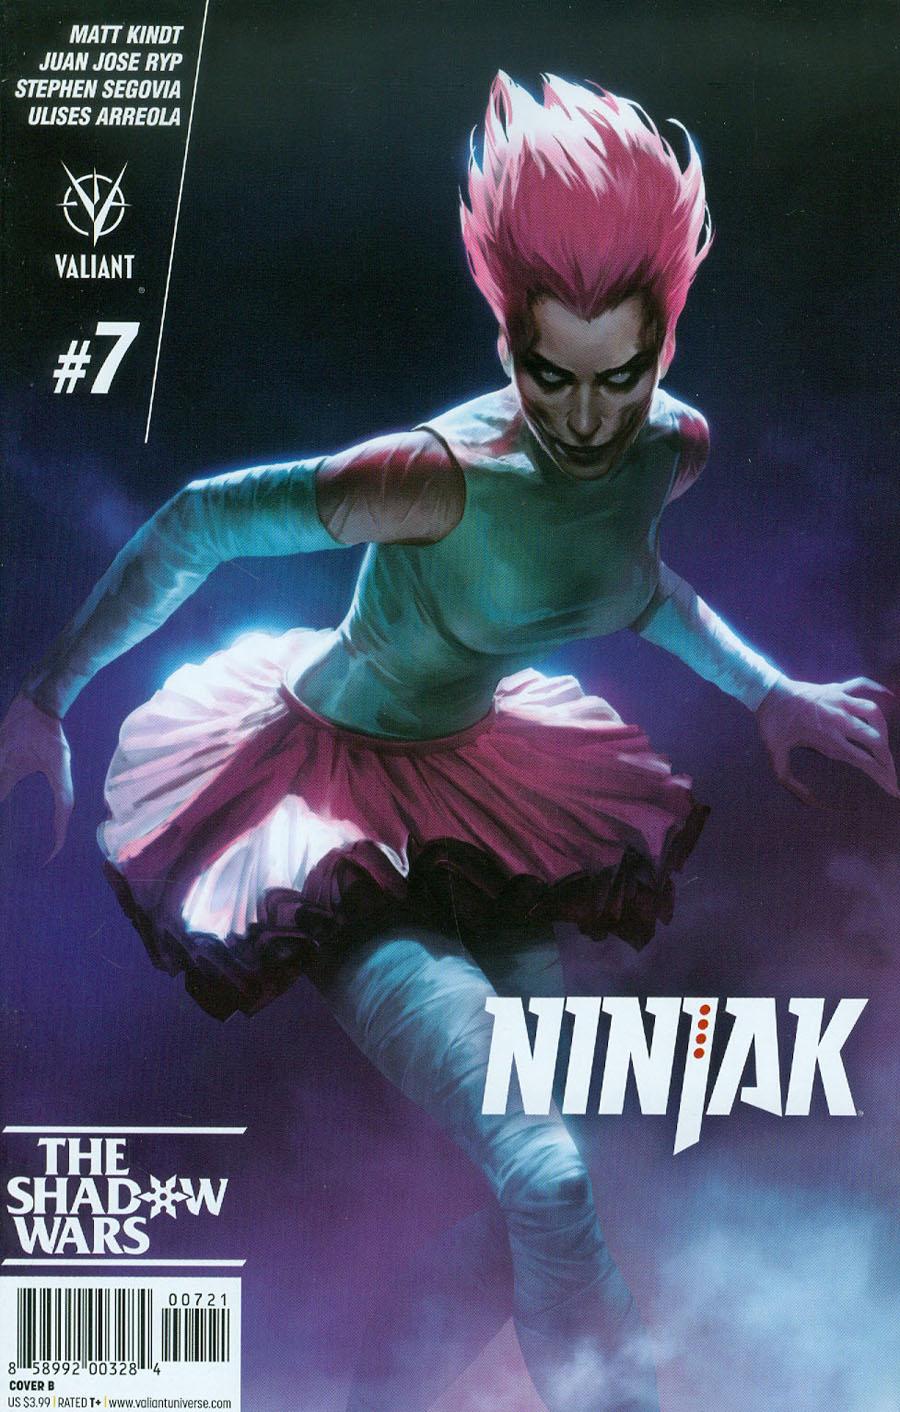 Ninjak Vol 3 #7 Cover B Variant Jelena Kevic-Djurdjevic Cover